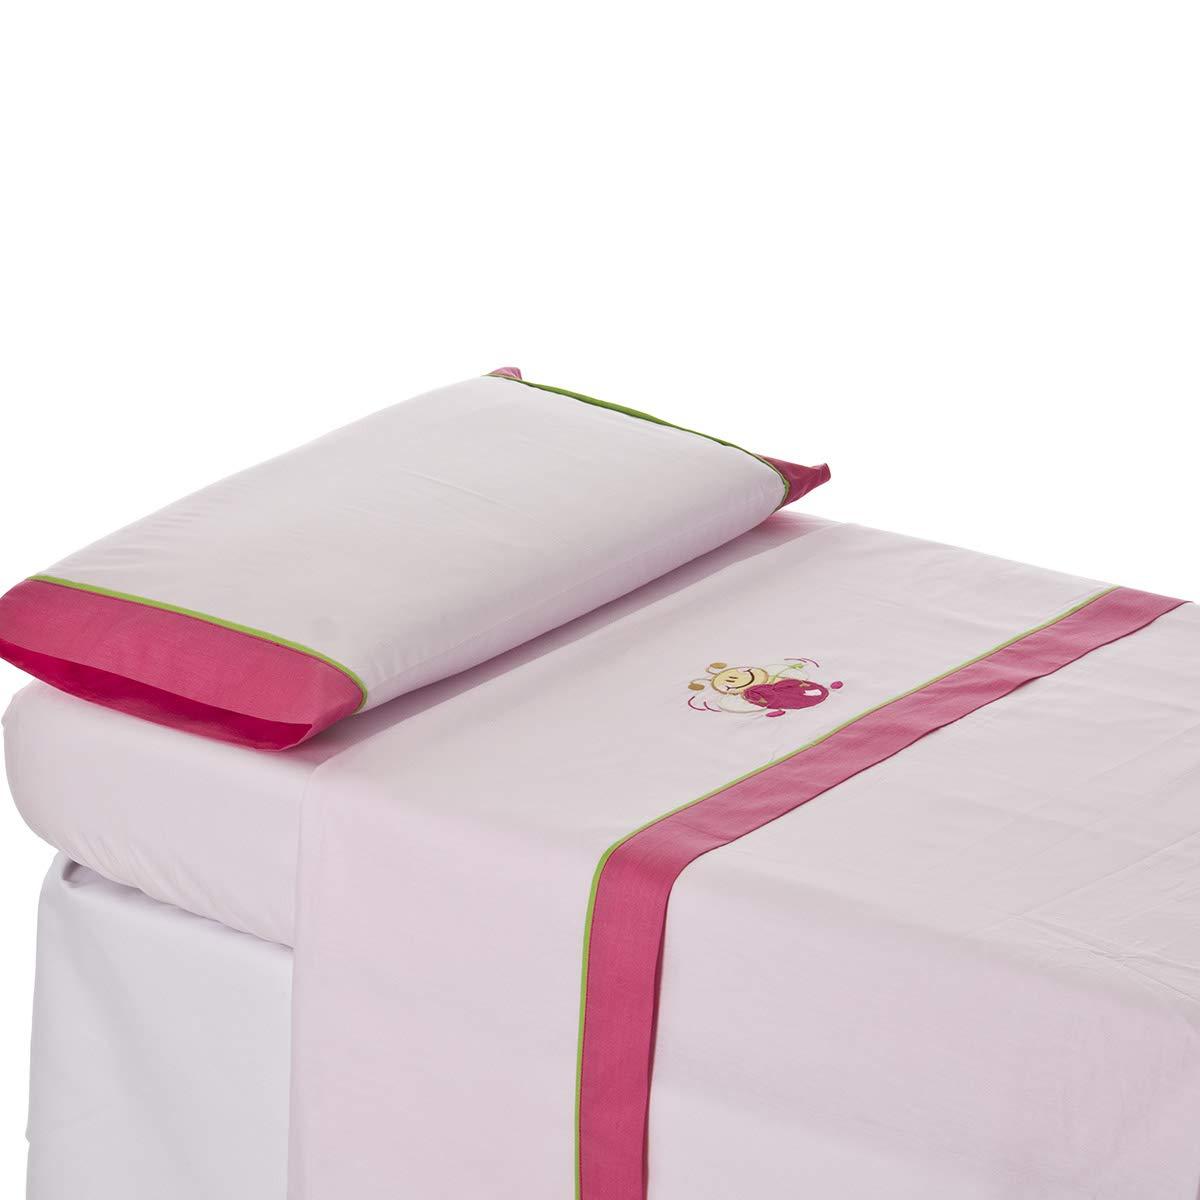 Bordado ABEJITA rosa Kokete MAXICUNA.450384/_70.INCLUYE: S/ábana encimera+Bajera ajustable+Funda de almohada Bebelovers Algod/ón 100/% Juego sabanas cuna 70x140 cm Mobibe